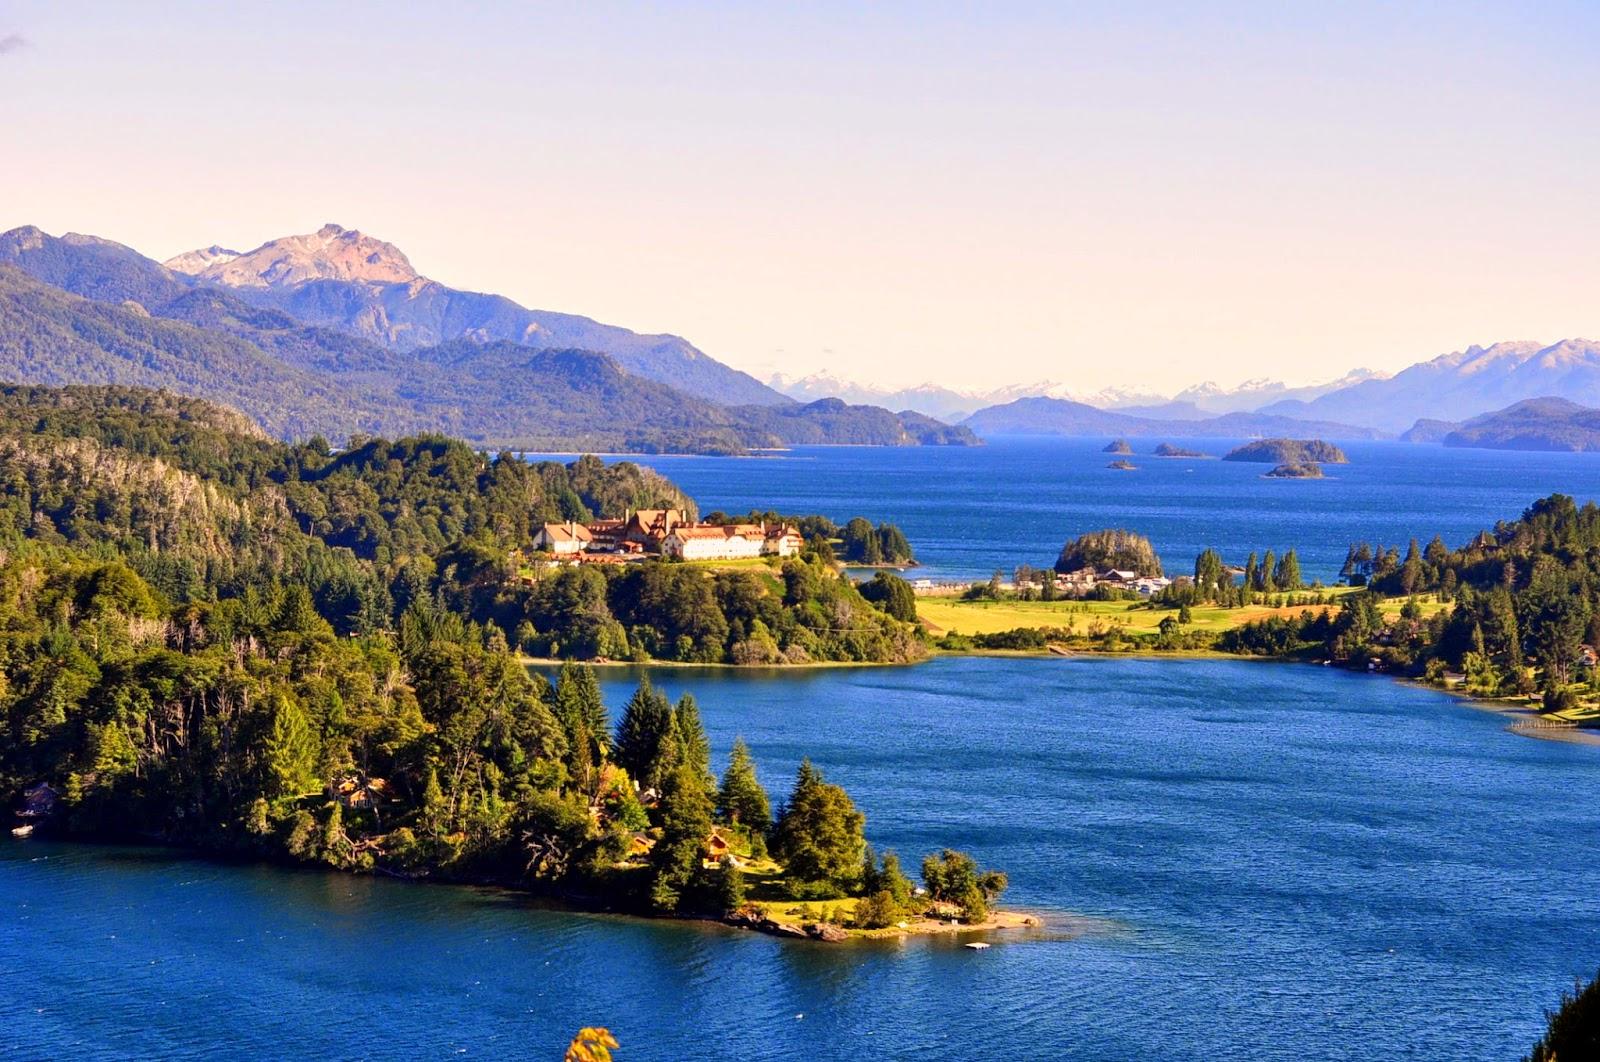 De turismo en Bariloche, Argentina